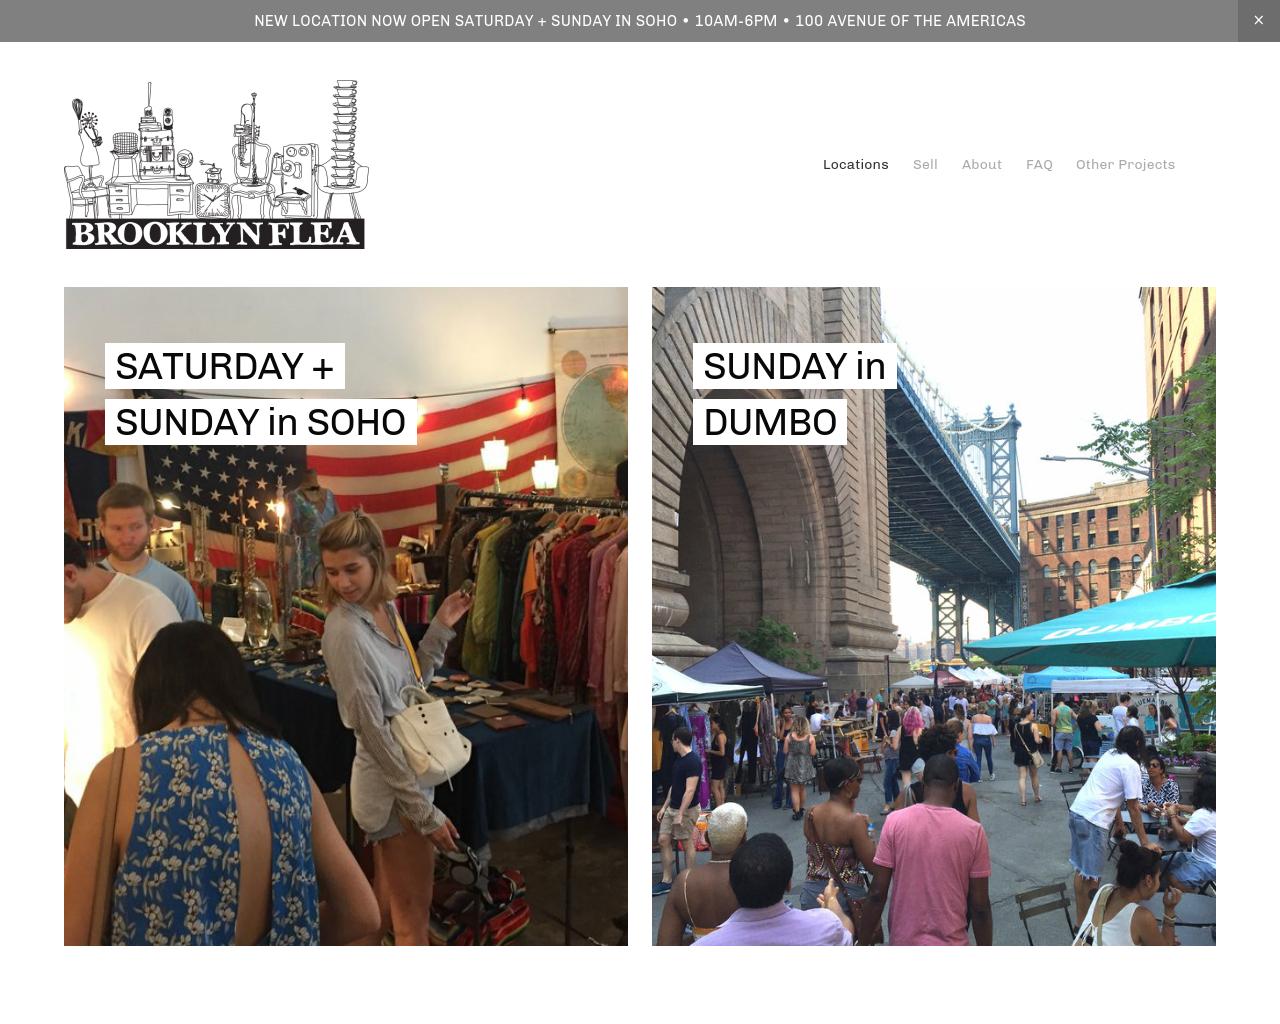 Brooklyn-Flea-Advertising-Reviews-Pricing